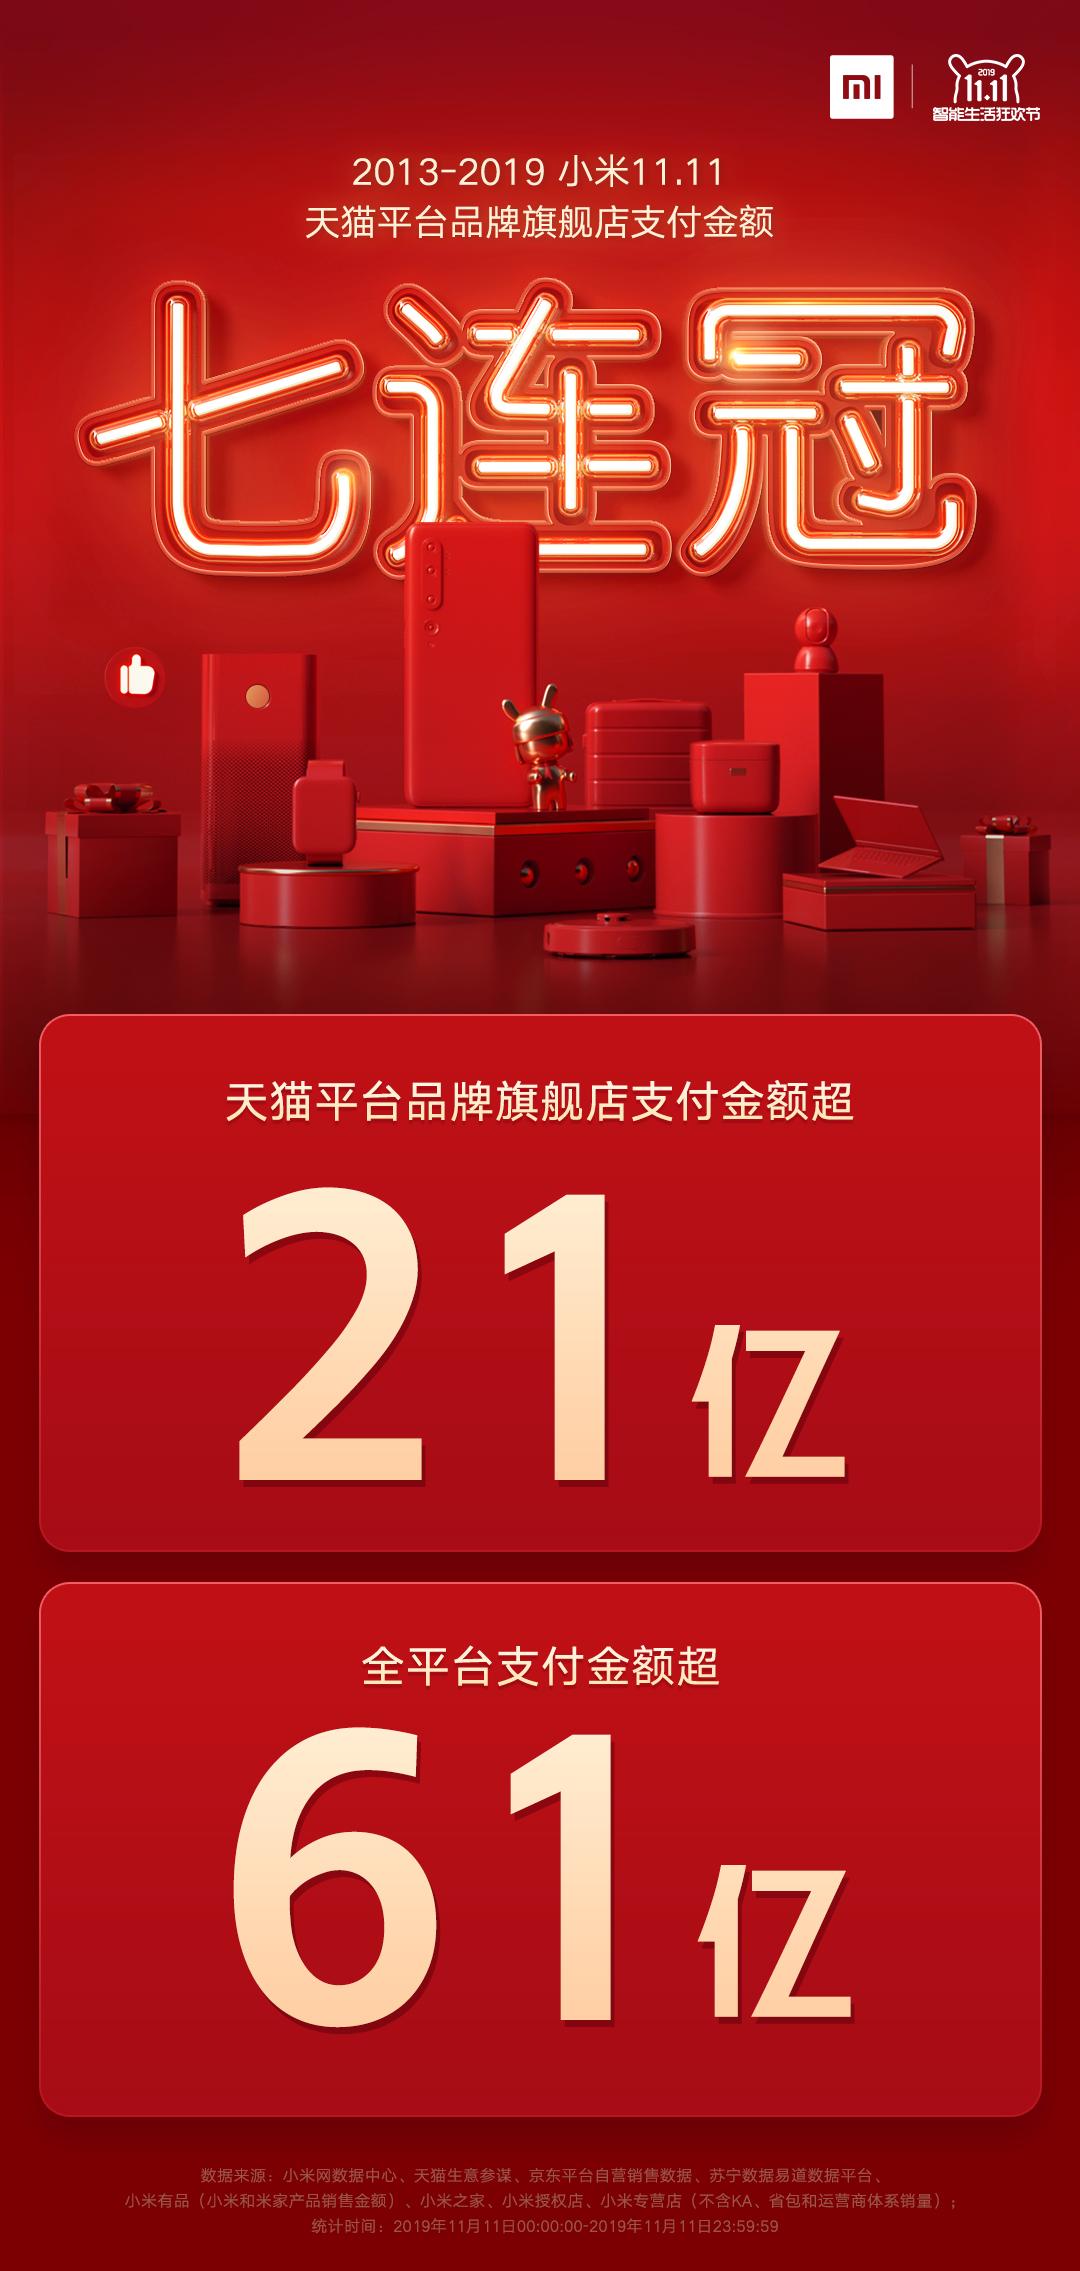 2019年小米双11全平台支付金额超61亿